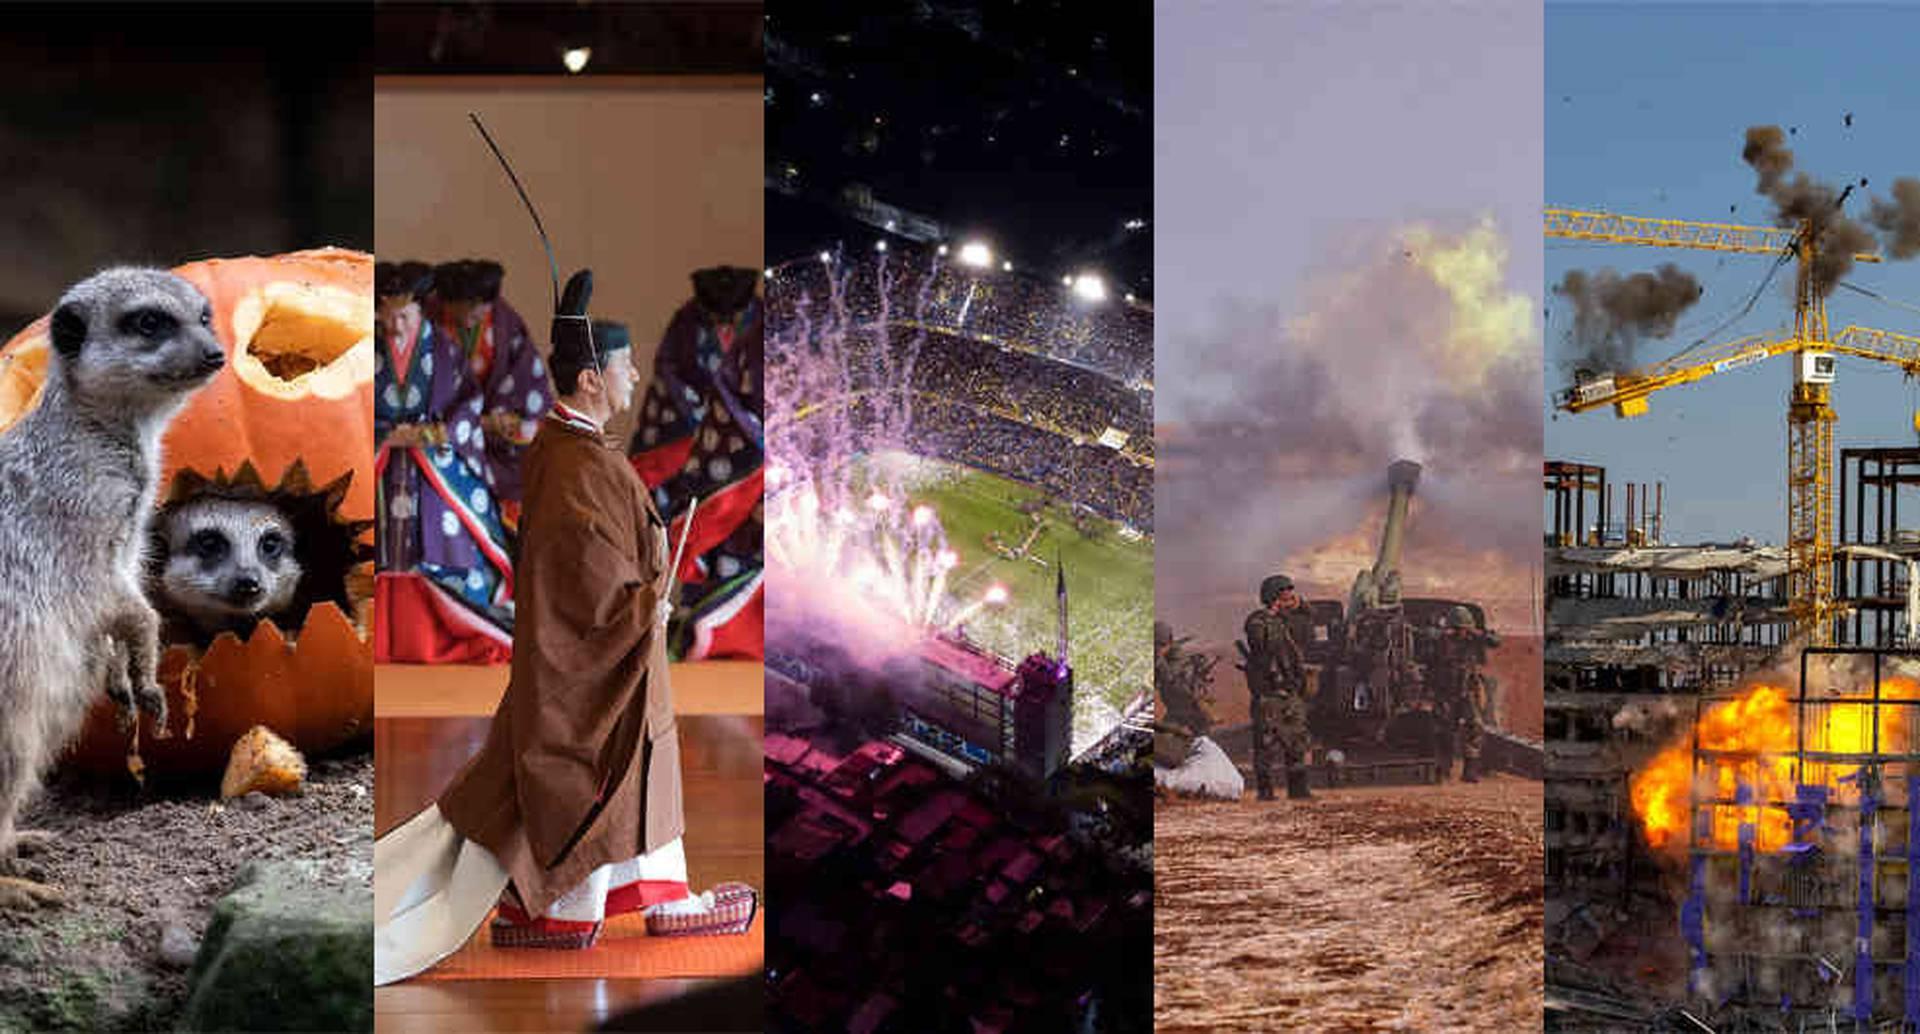 La ascensión del emperador japonés Naruhito al trono, la exhumación del dictador español Francisco Franco y la semifinal de la Copa Libertadores en La Bombonera son algunos de los hechos que nos dejan esta semana imágenes para el recuerdo. Fotos: AP / AFP